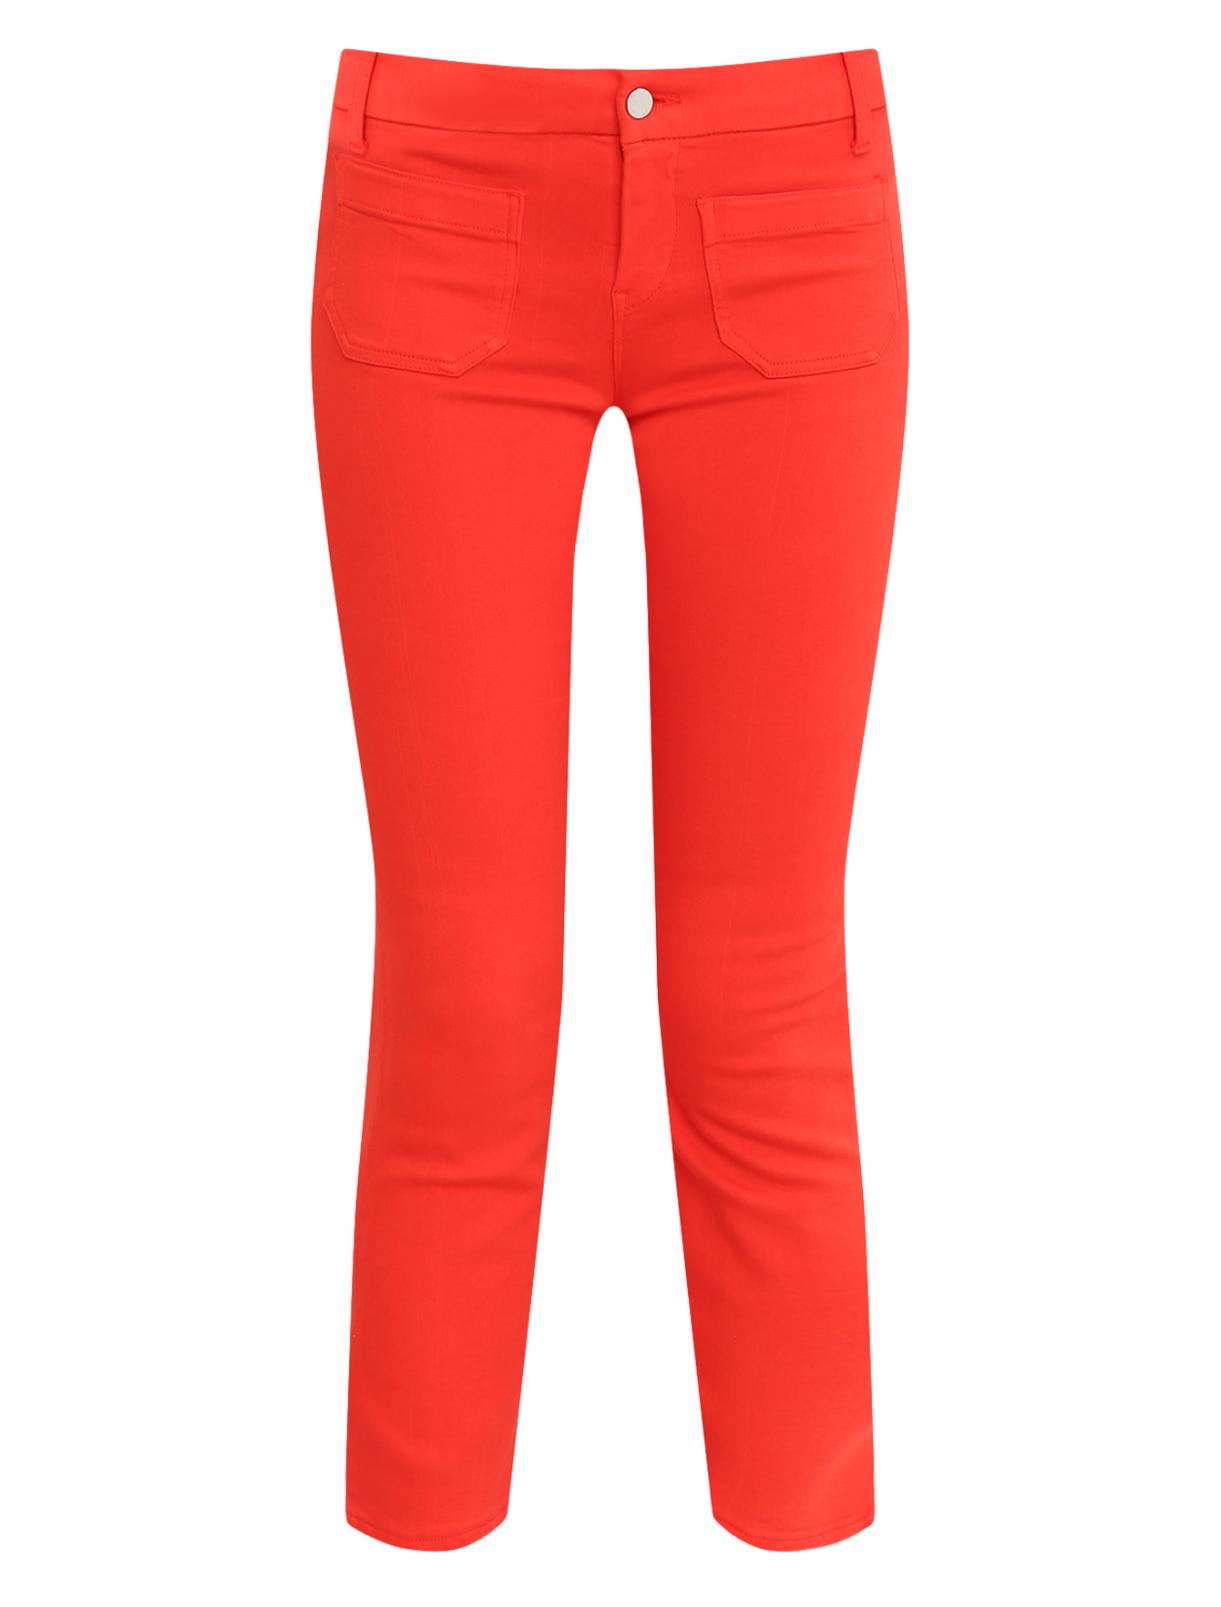 Укороченные джинсы Rich & Royal  –  Общий вид  – Цвет:  Красный